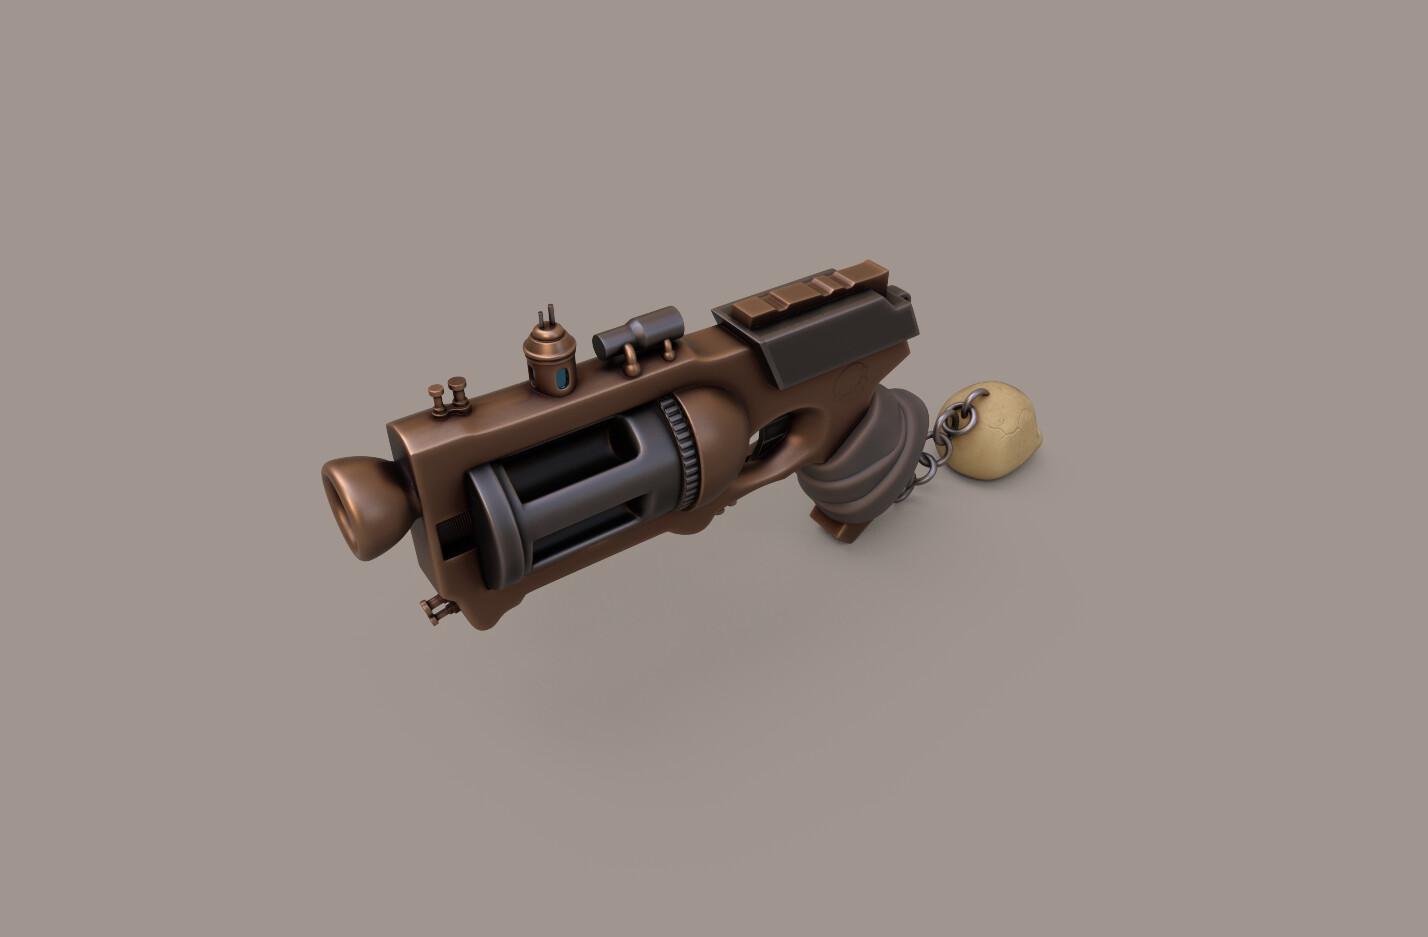 Hur serhat oz gun 04